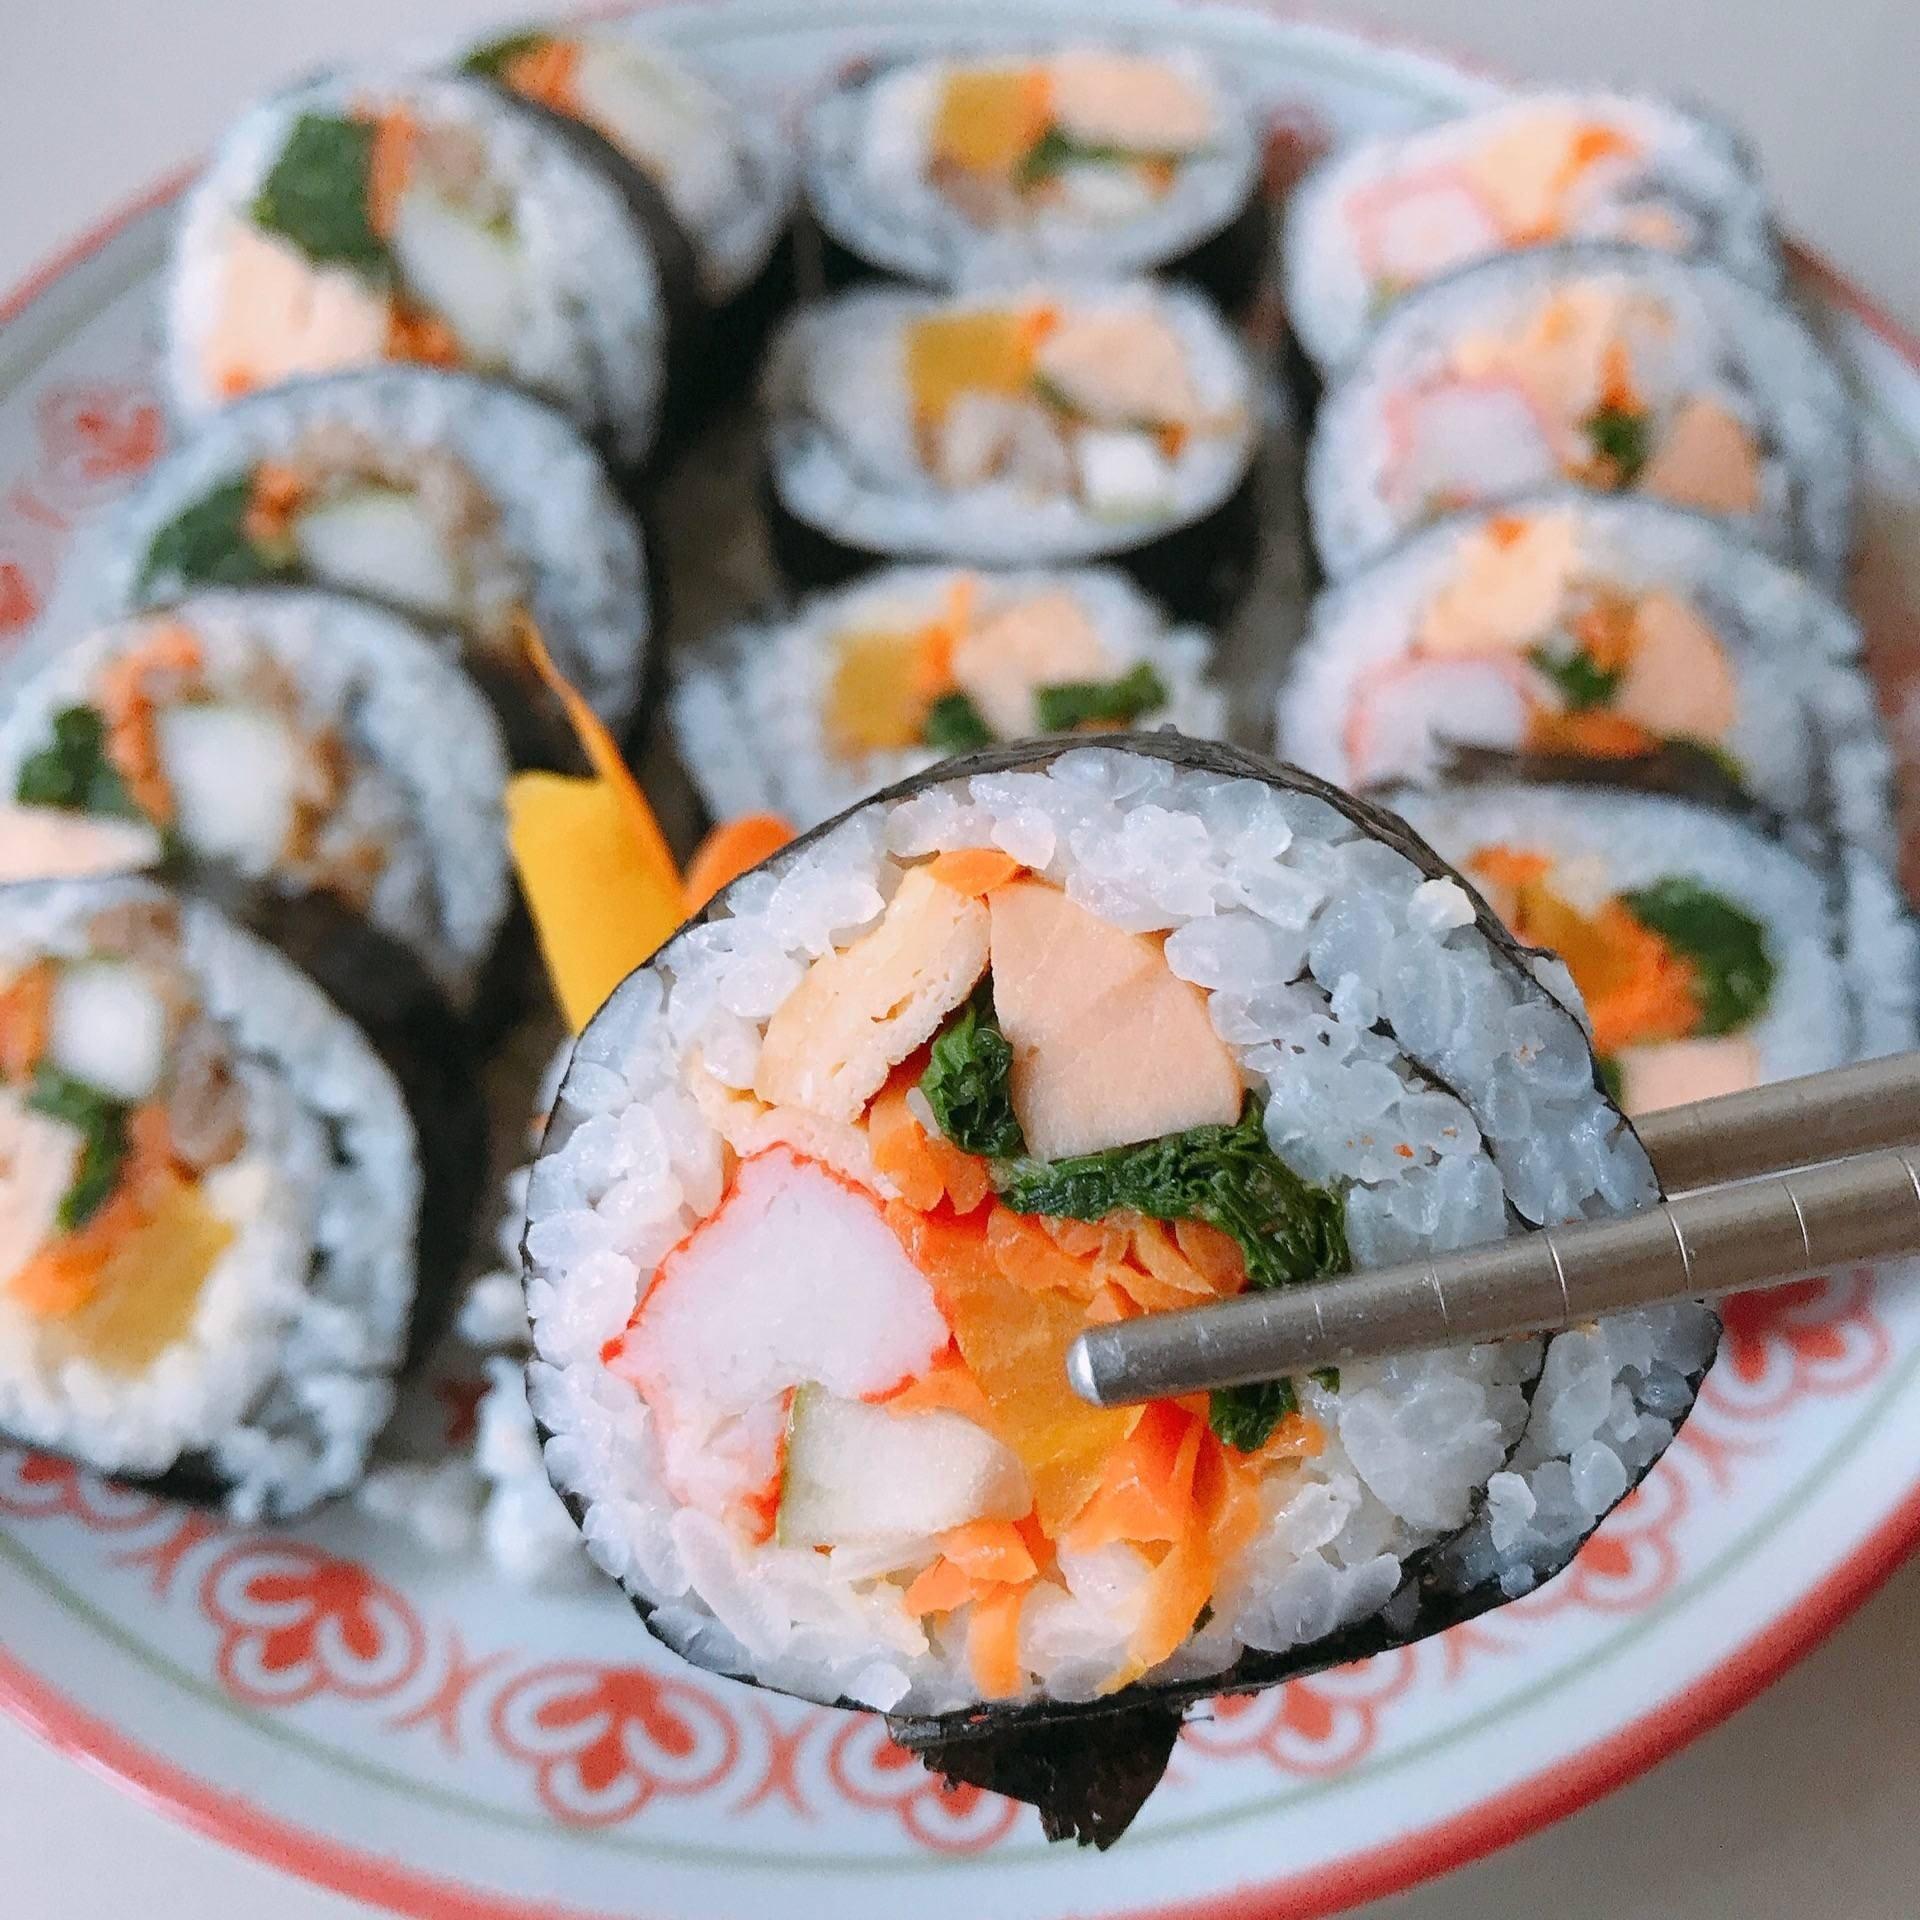 สูตร คิมบับ kimbap 김밥 พร้อมวิธีทำโดย Kitty Berry - Wongnai Cooking